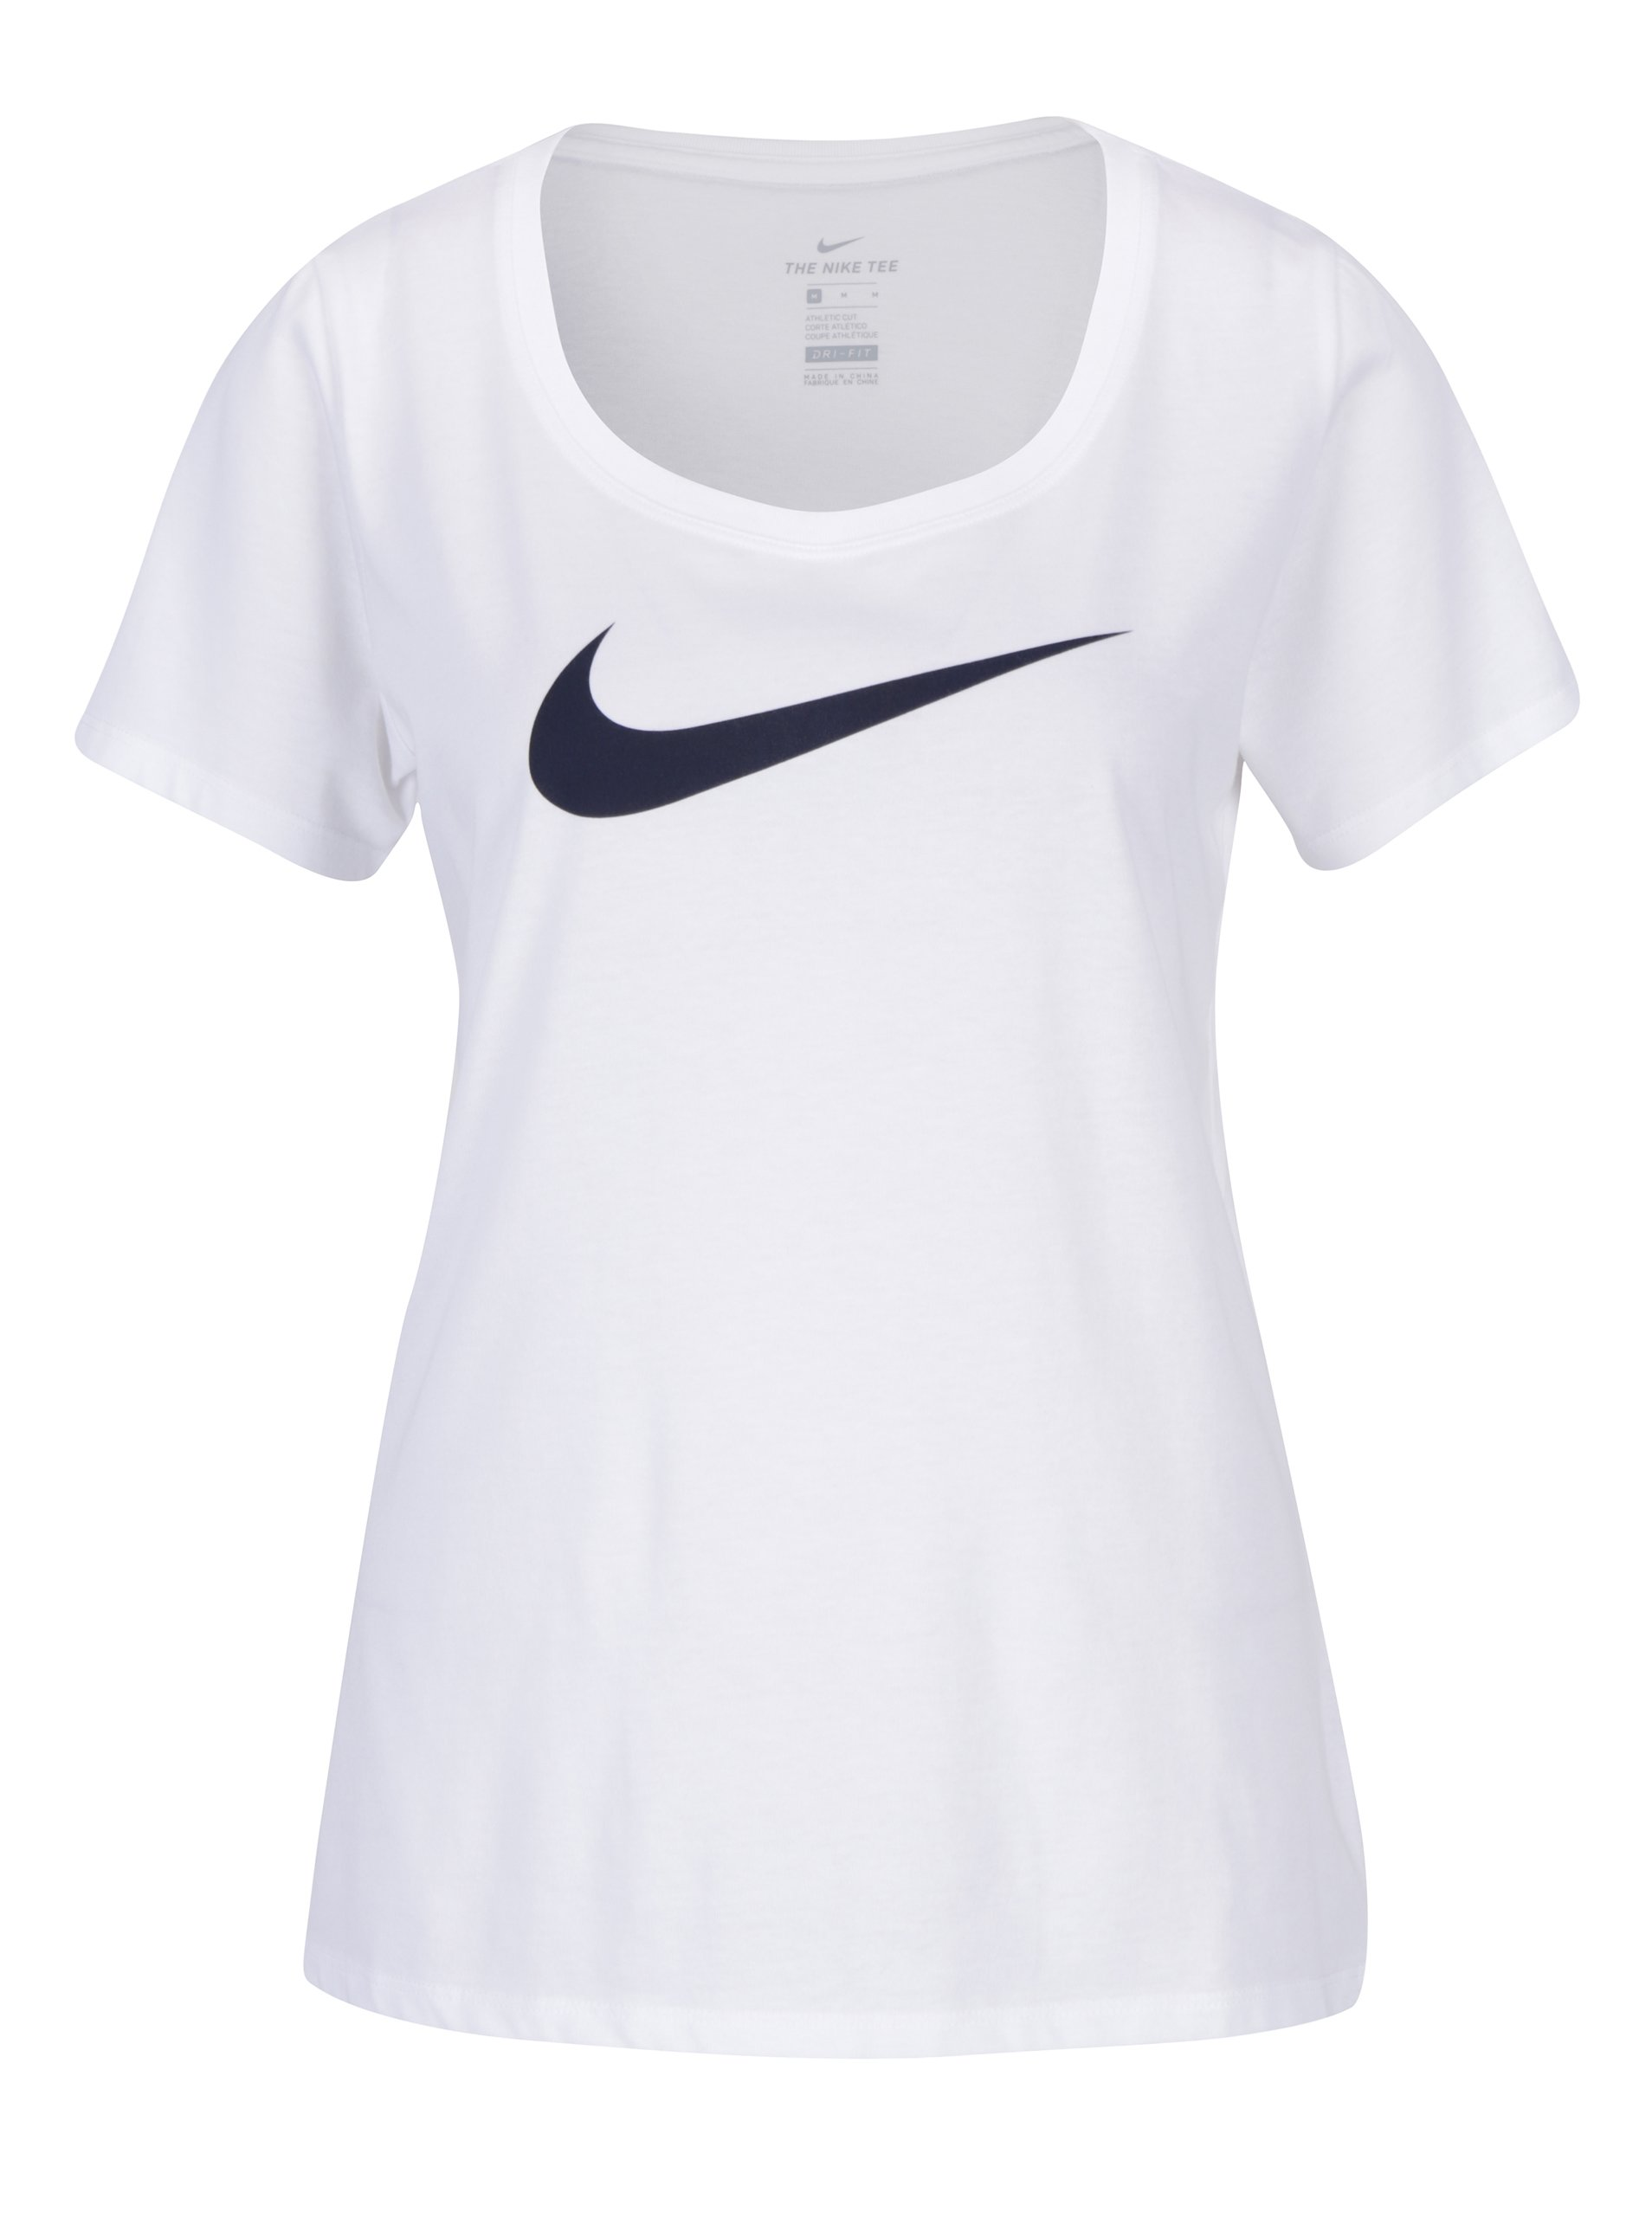 Bílé dámské funkční tričko s potiskem Nike